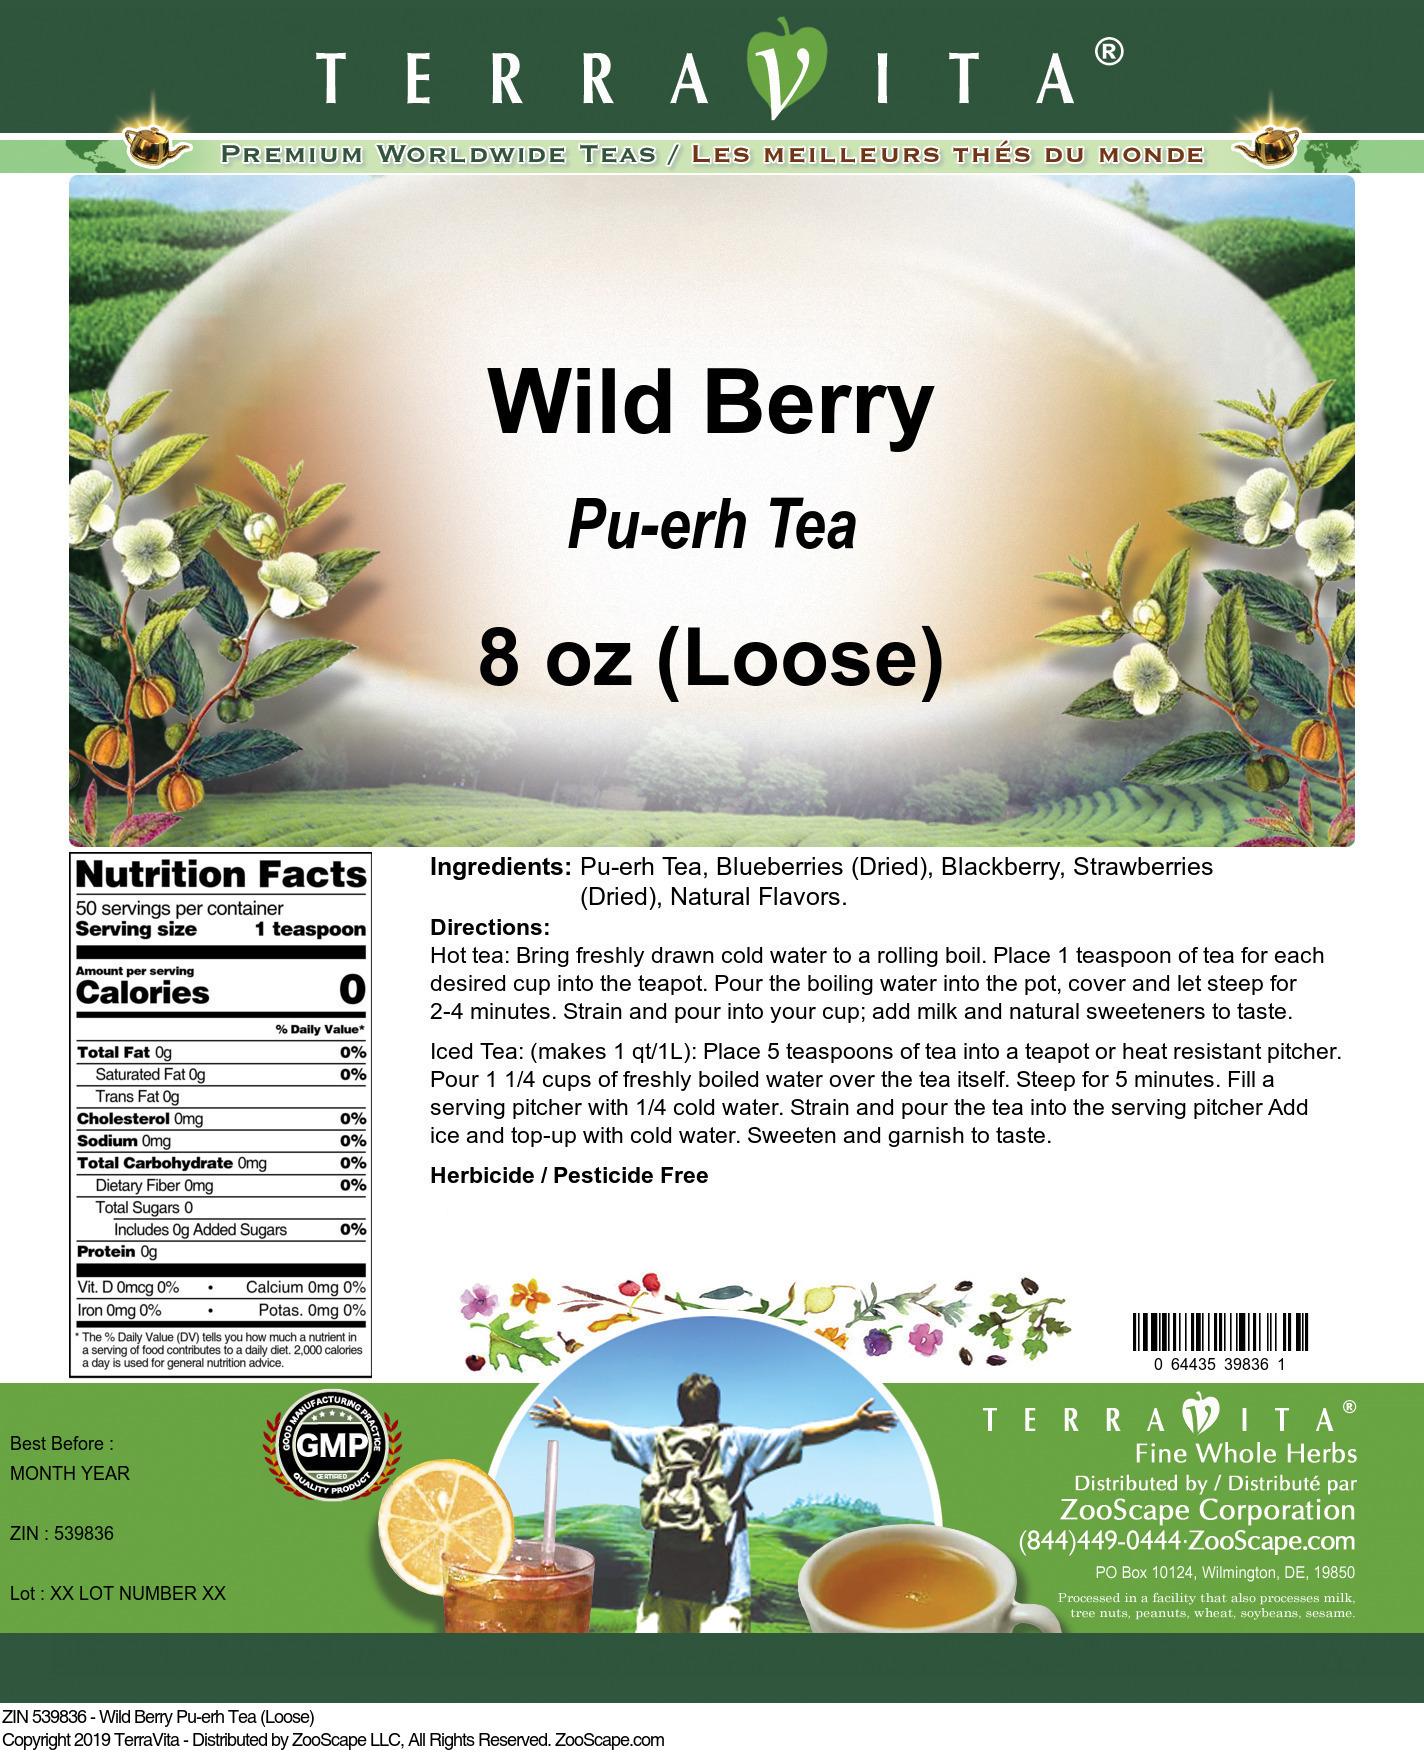 Wild Berry Pu-erh Tea (Loose)